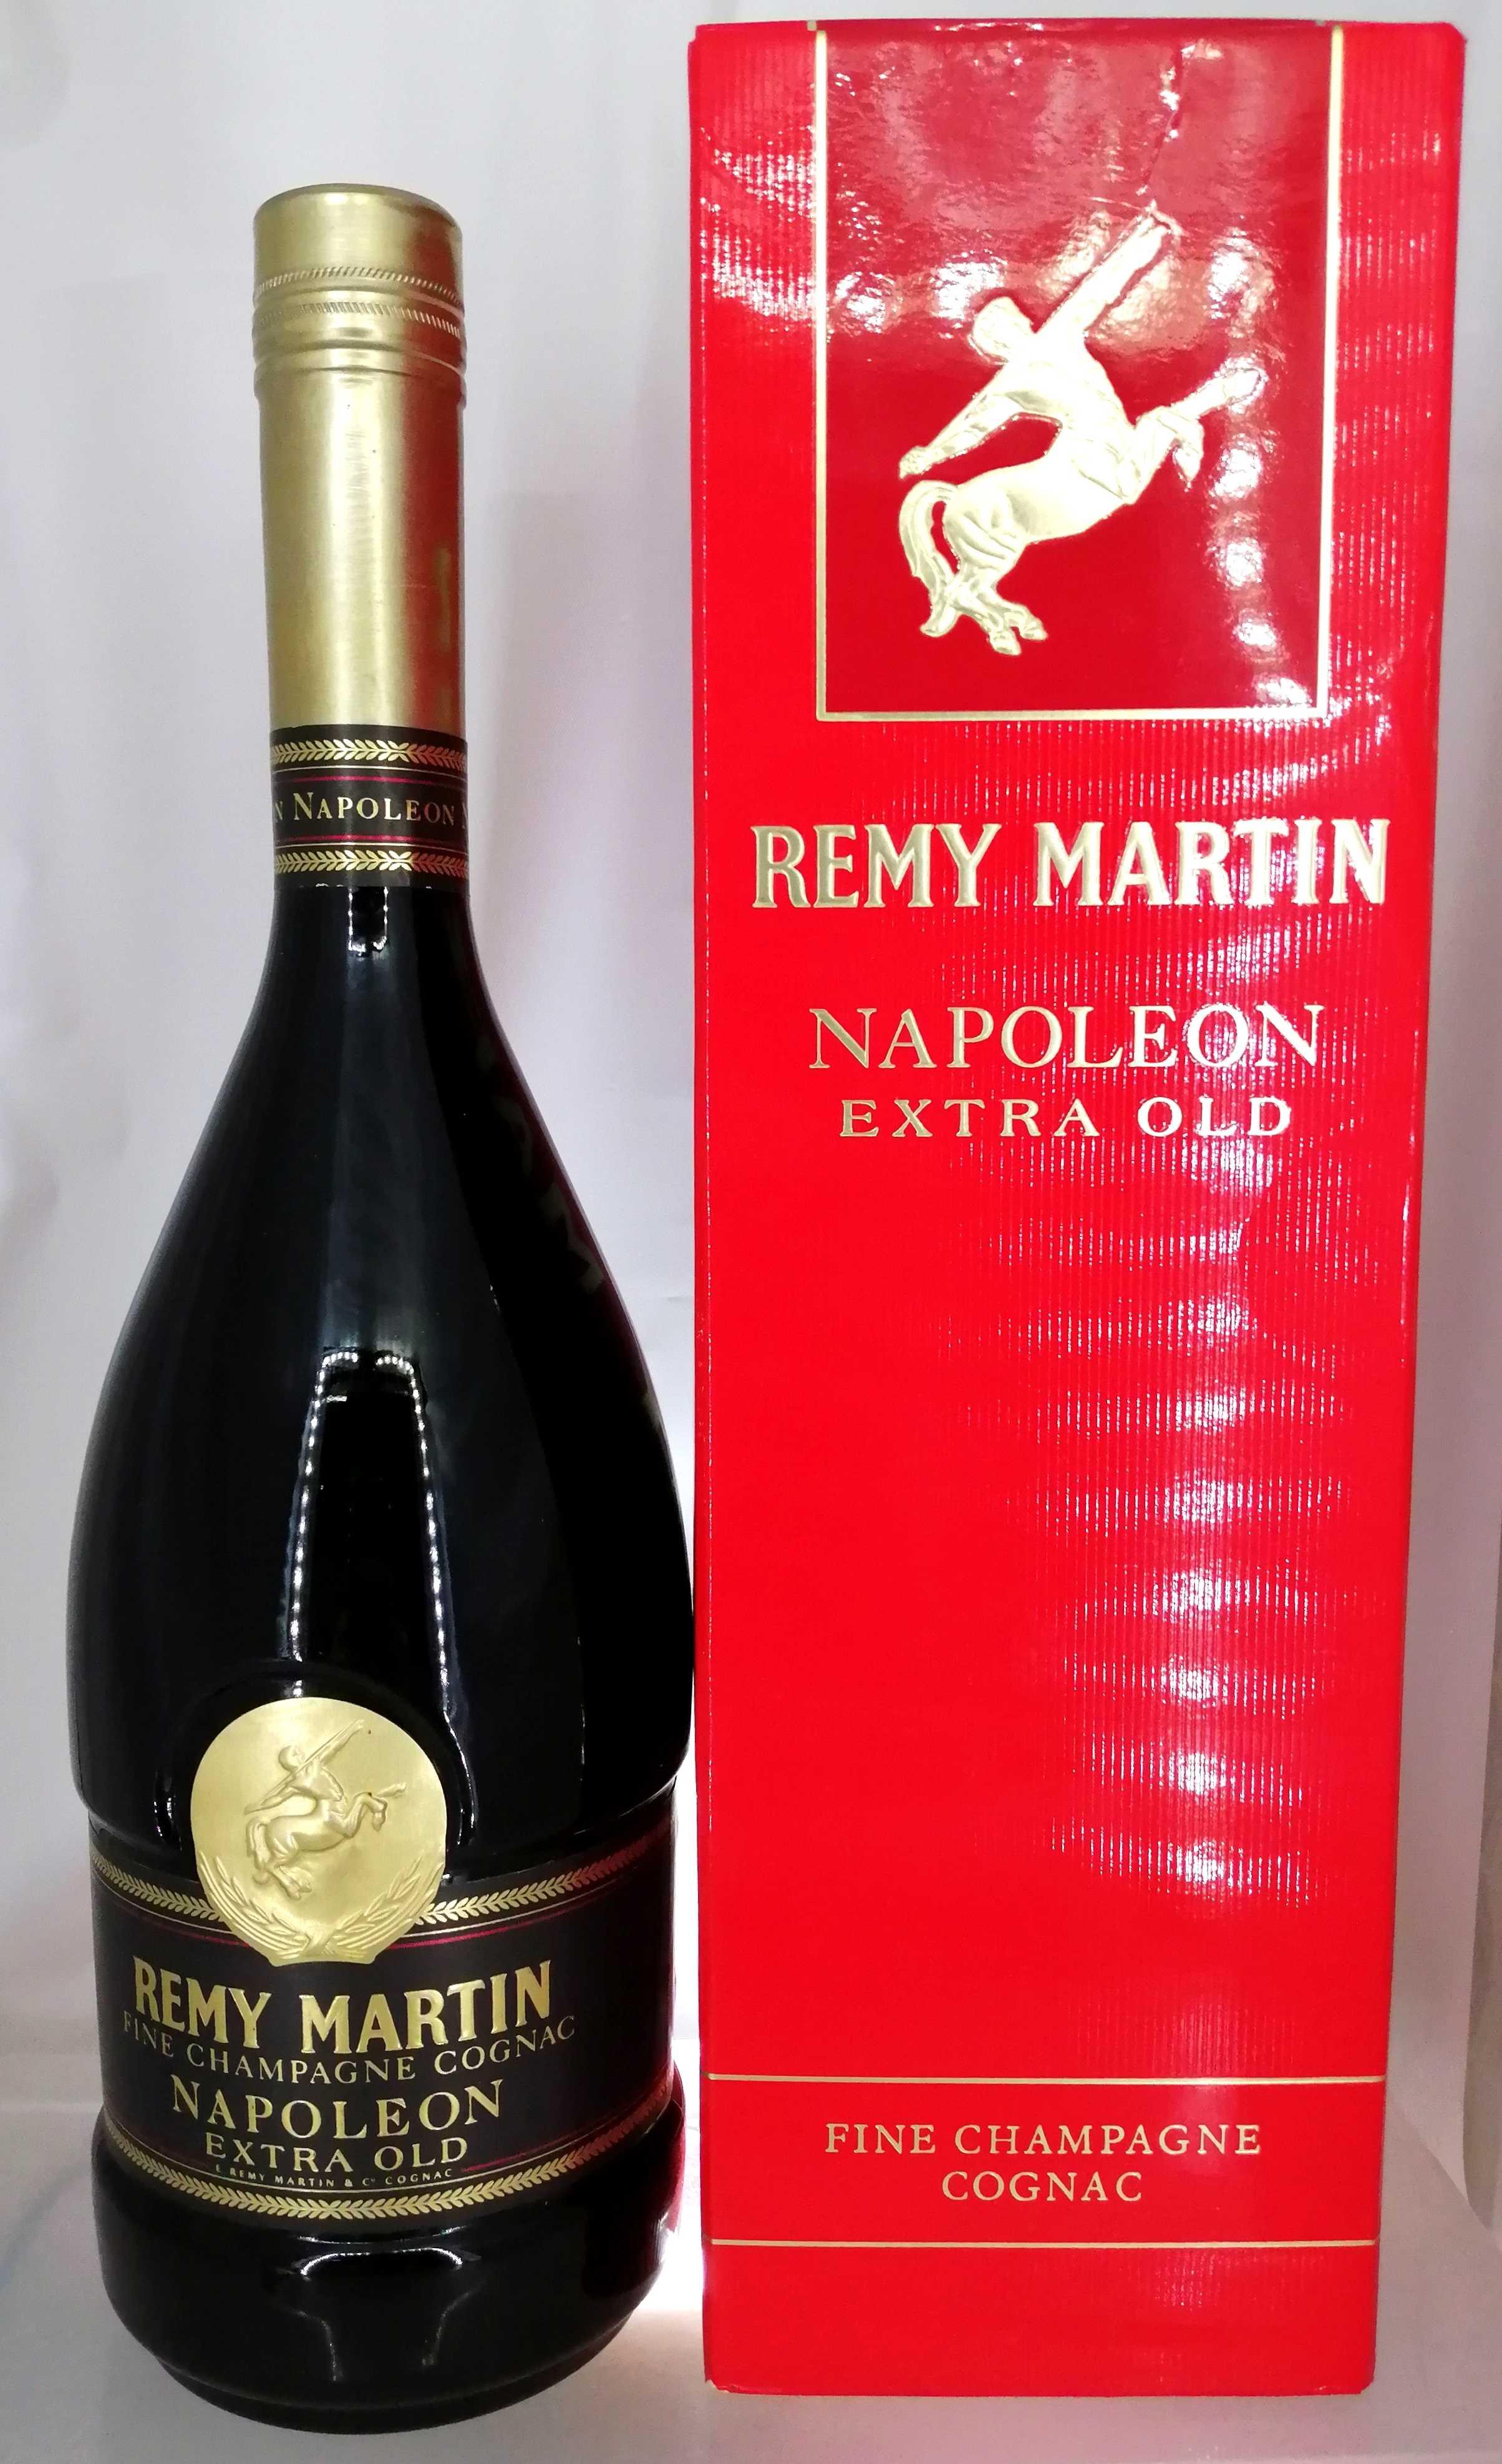 レミーマルタン ナポレオン エクストラオールド|REMY MARTIN